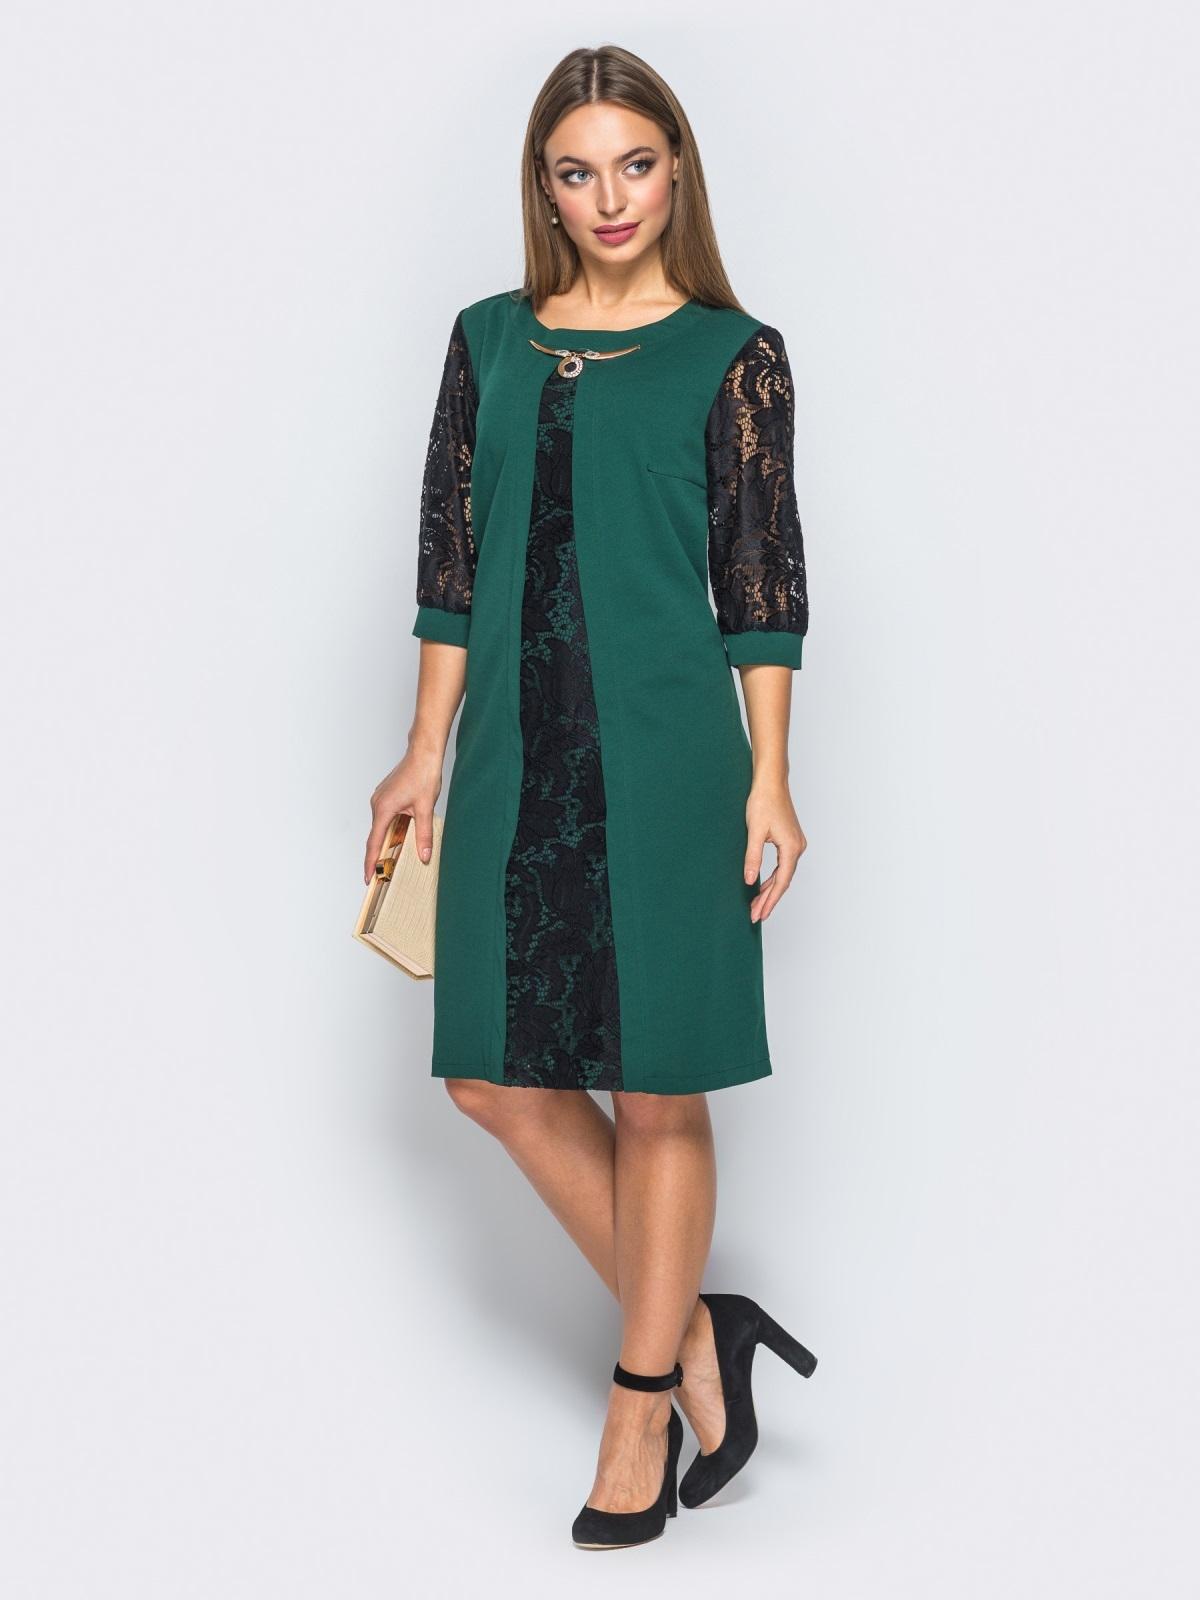 Платье с гипюром и фурниторой на полочке зелёное - 18144, фото 1 – интернет-магазин Dressa